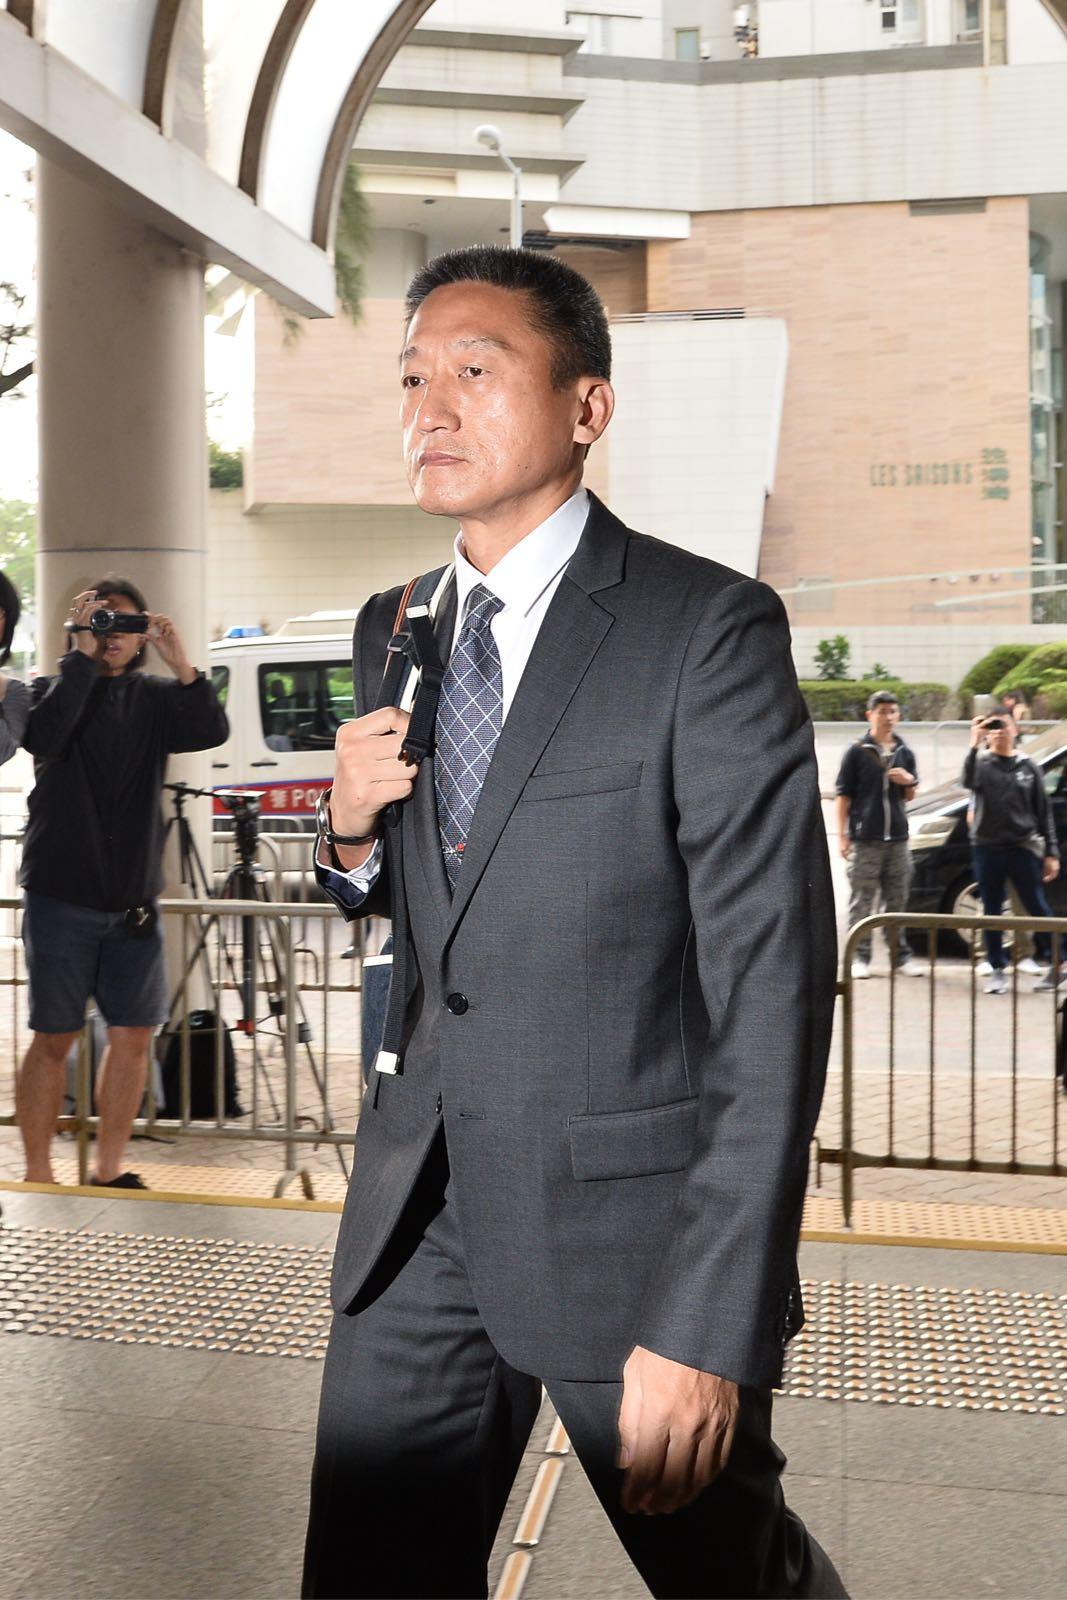 現年57歲的朱經緯已經退休,案件審期預料為5天。